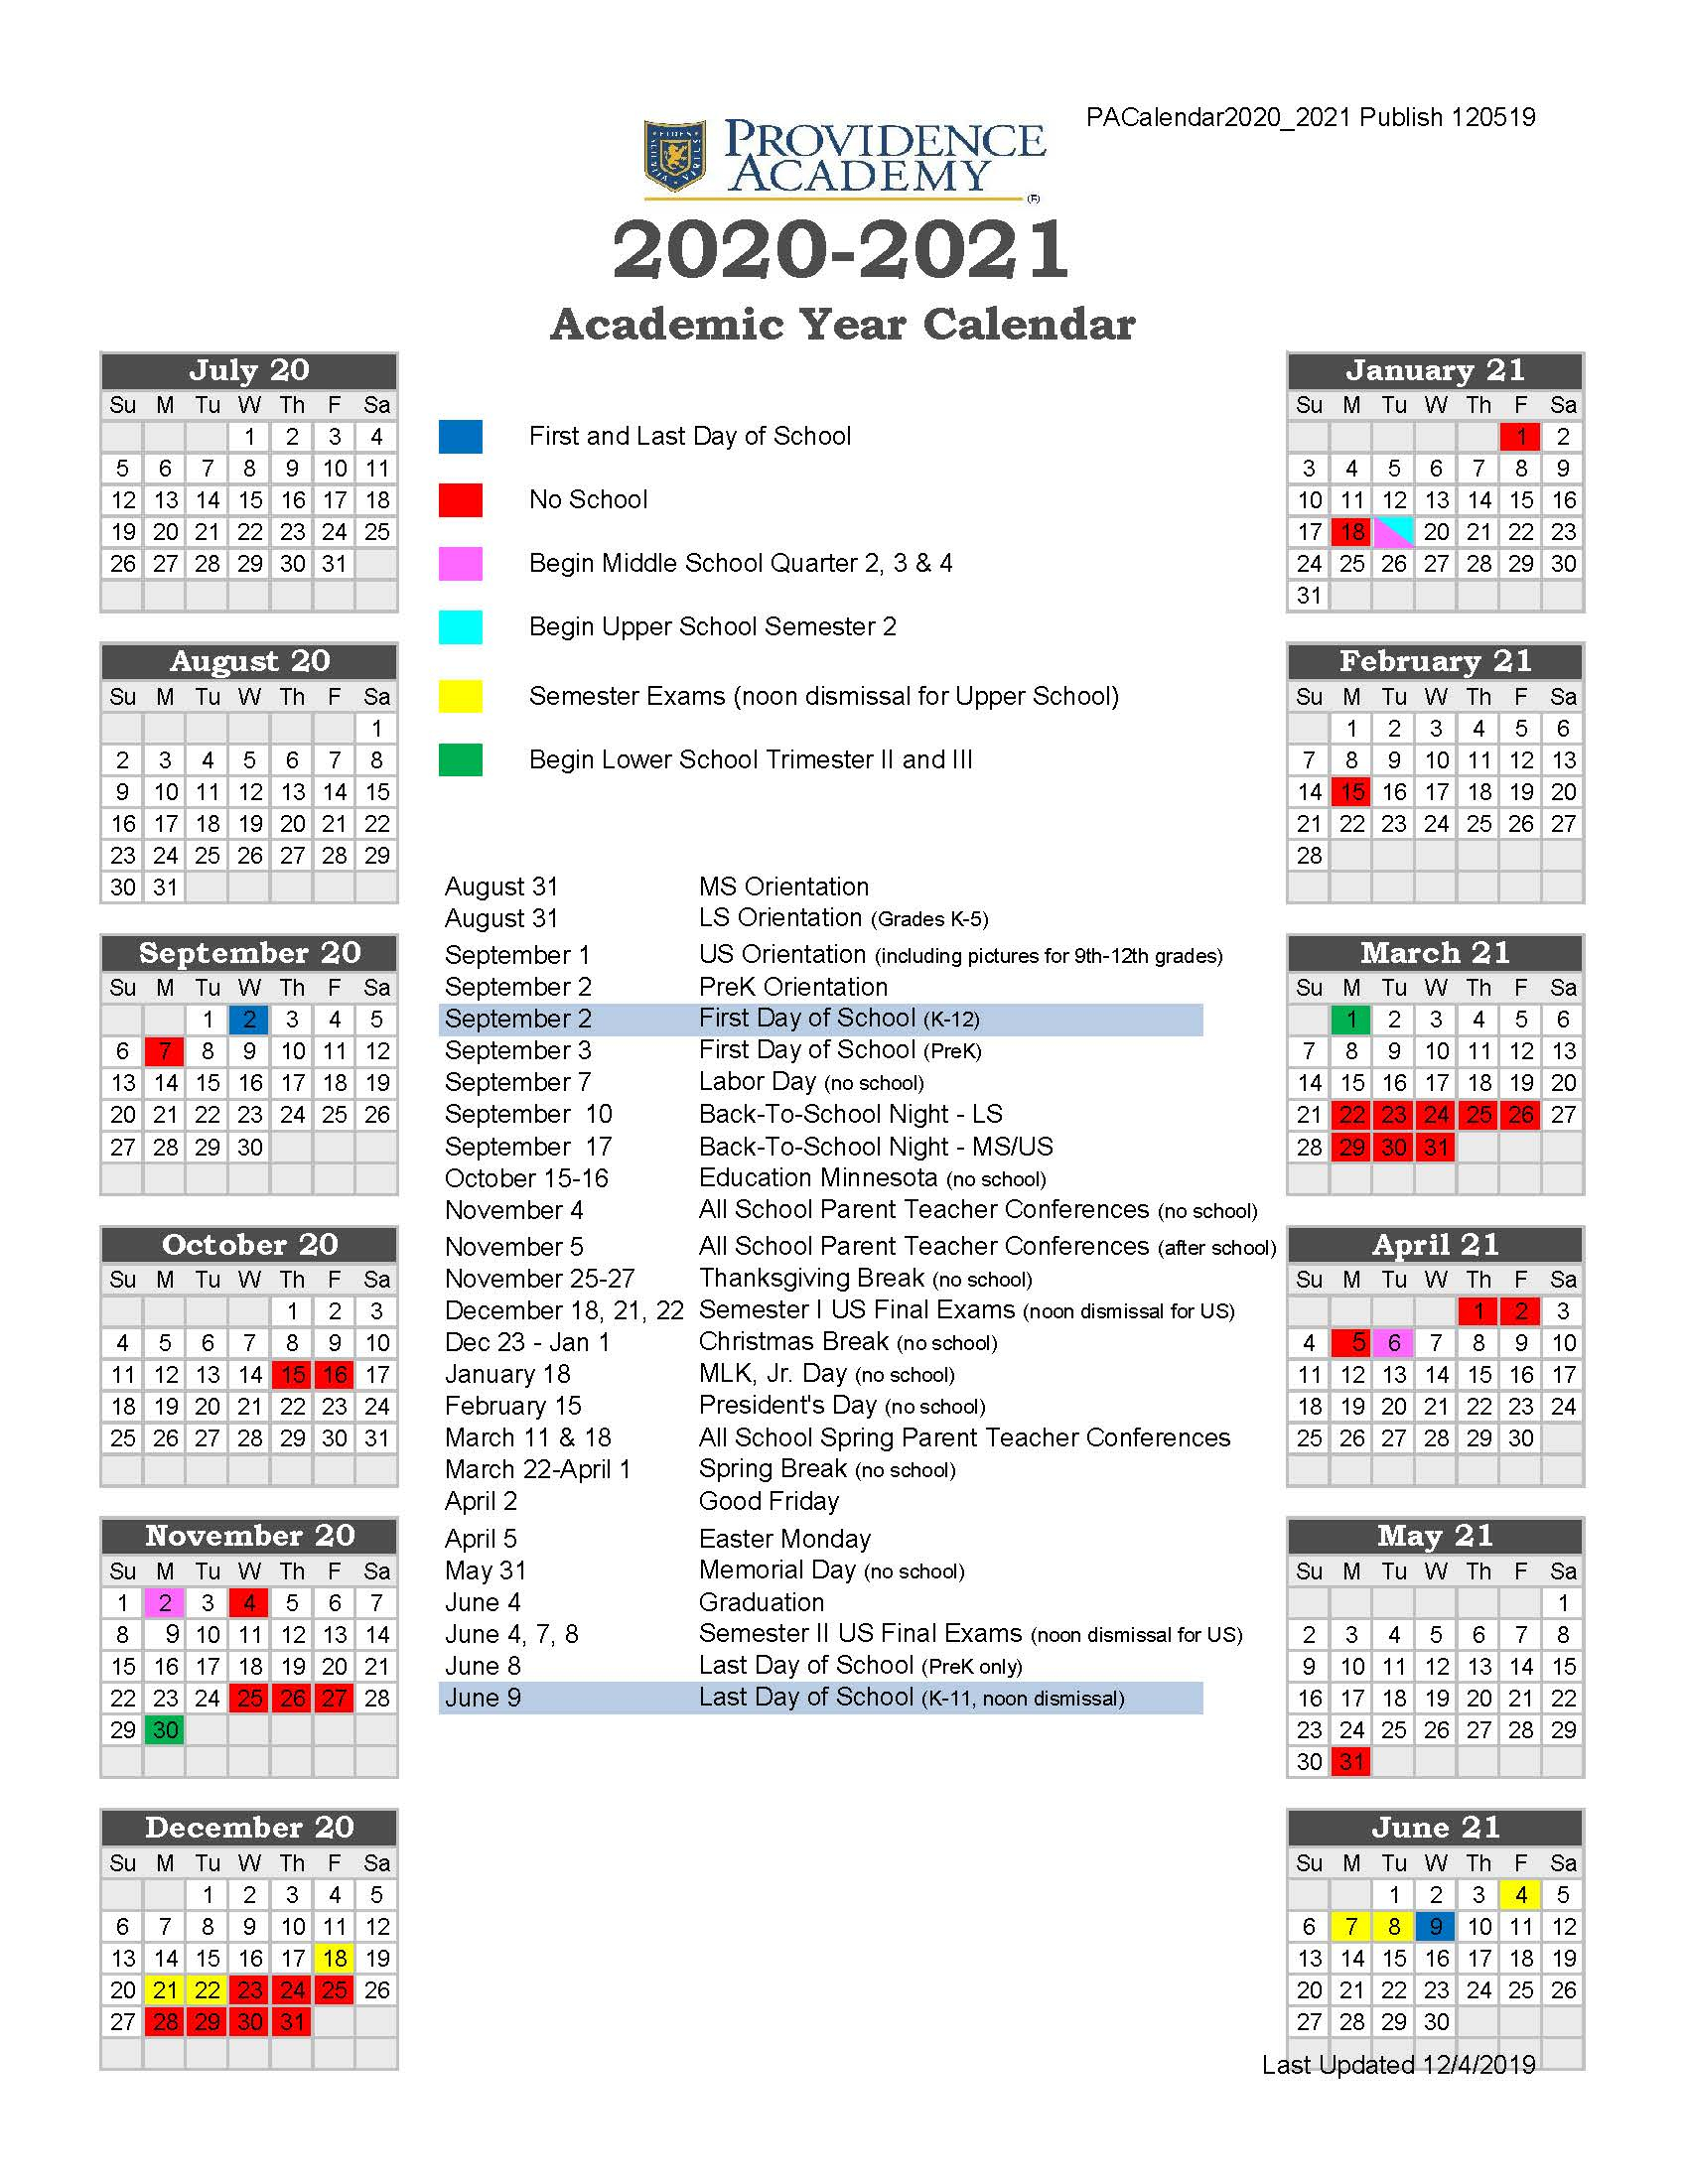 19 20 Providence Academy Academic Calendar 2020 2021 With Eden Prairie High School Calendar 2021